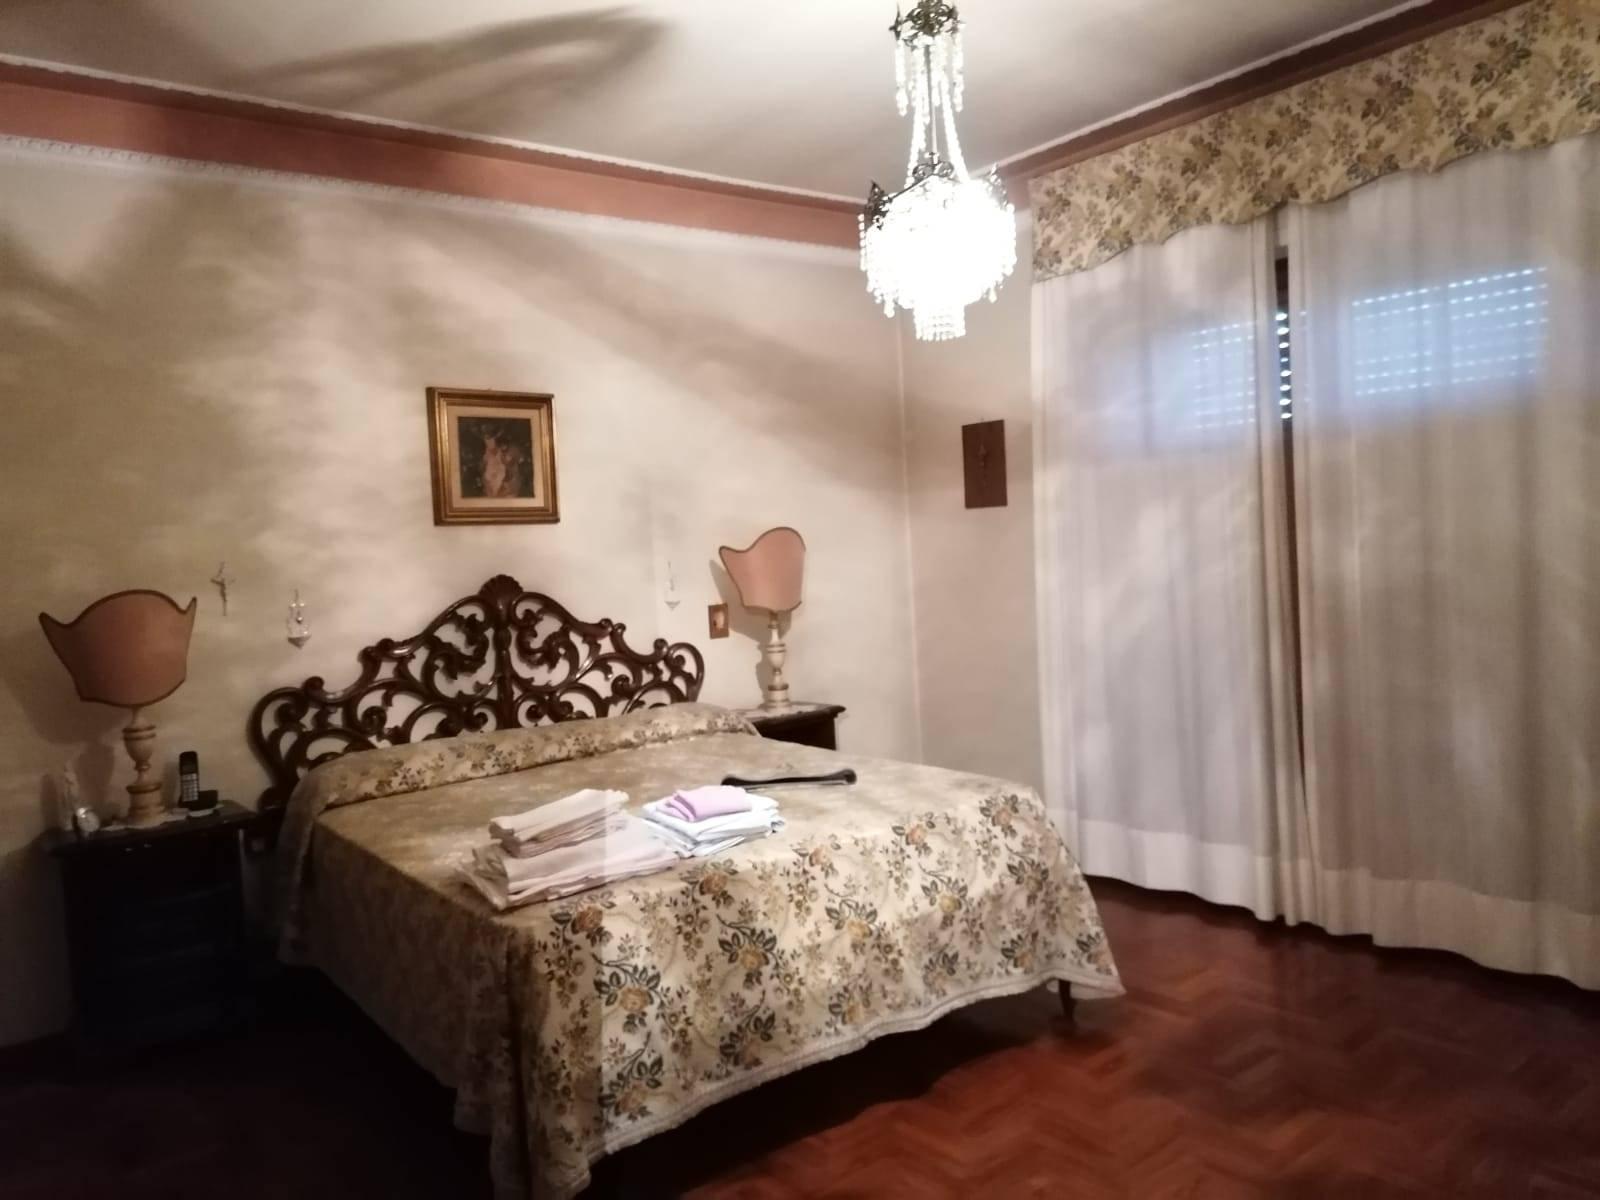 Villa in Vendita a Campi bisenzio zona  - immagine 24